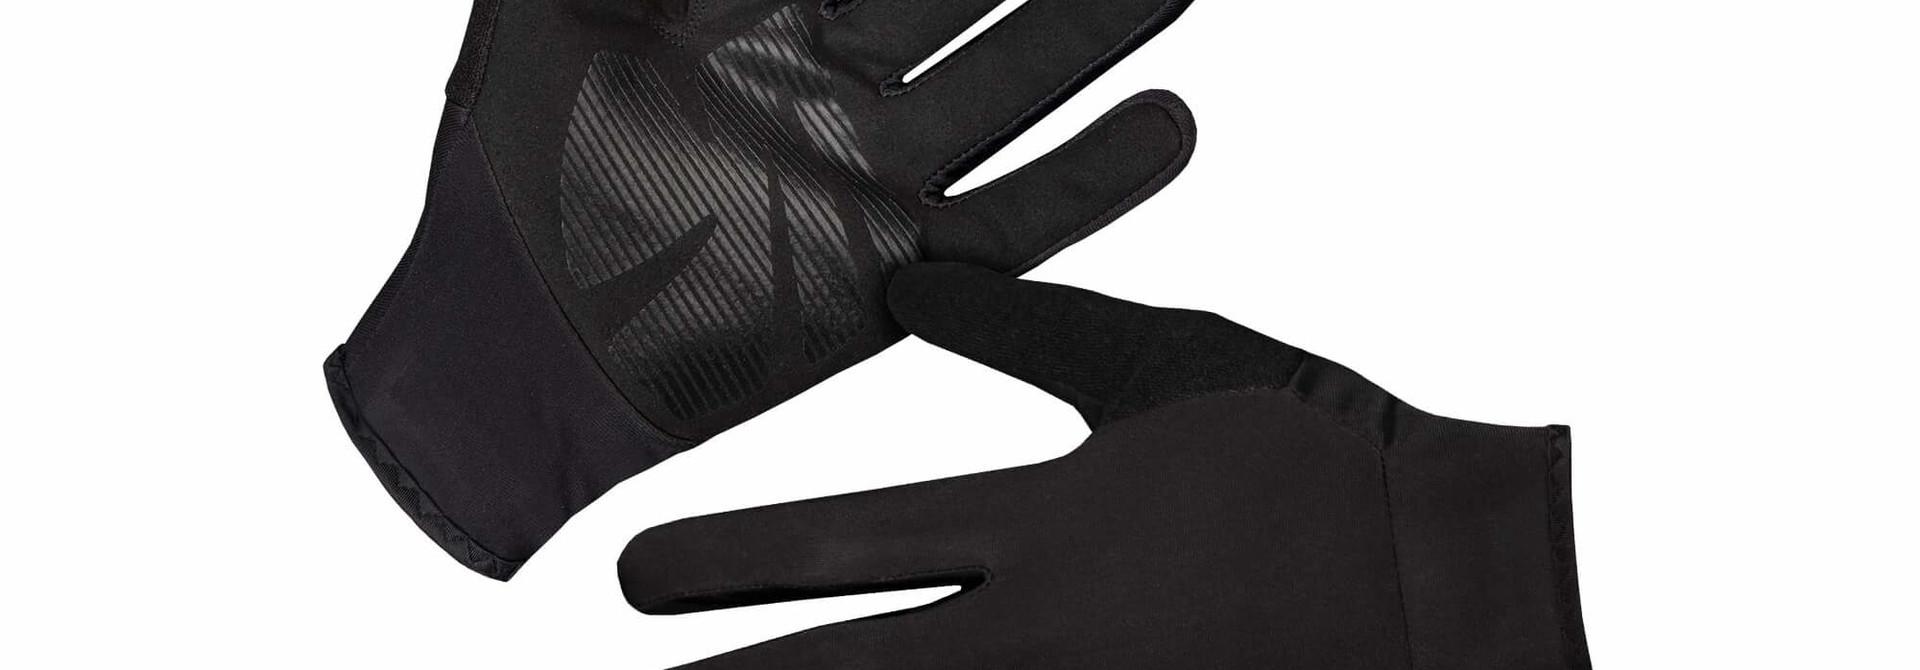 FS260 Pro Thermo Glove